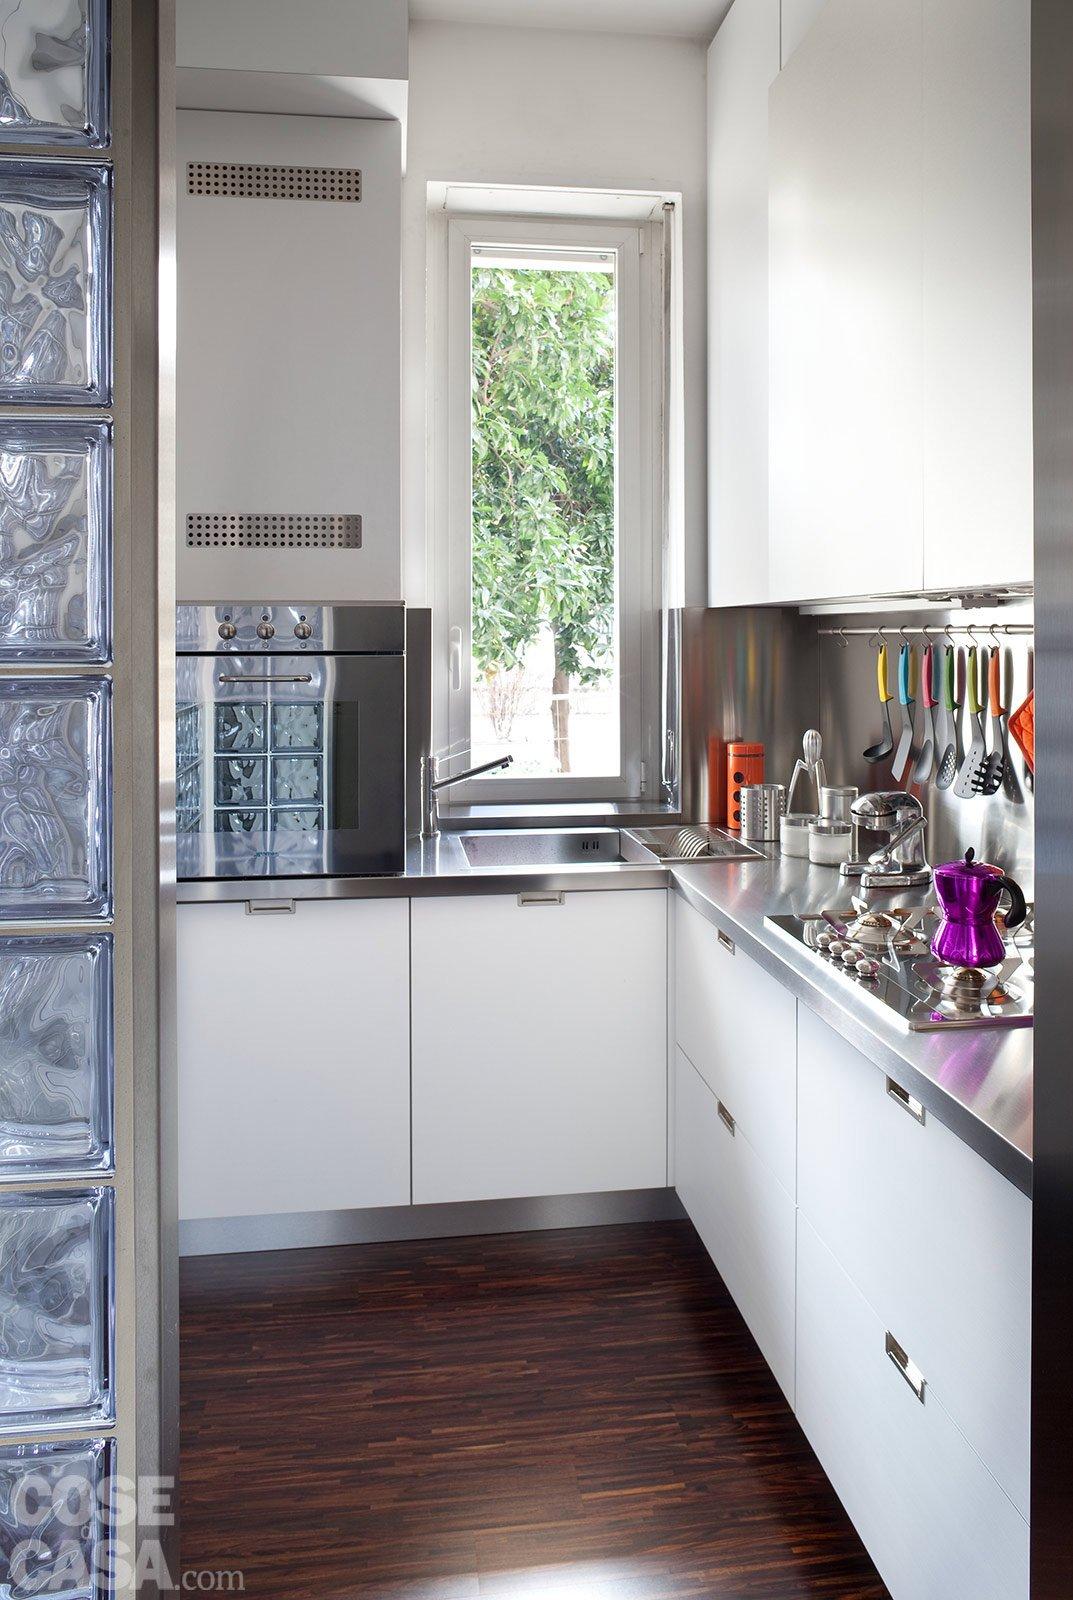 Tende Da Cucina A Finestra : Tende da cucina per finestra. Tende ...